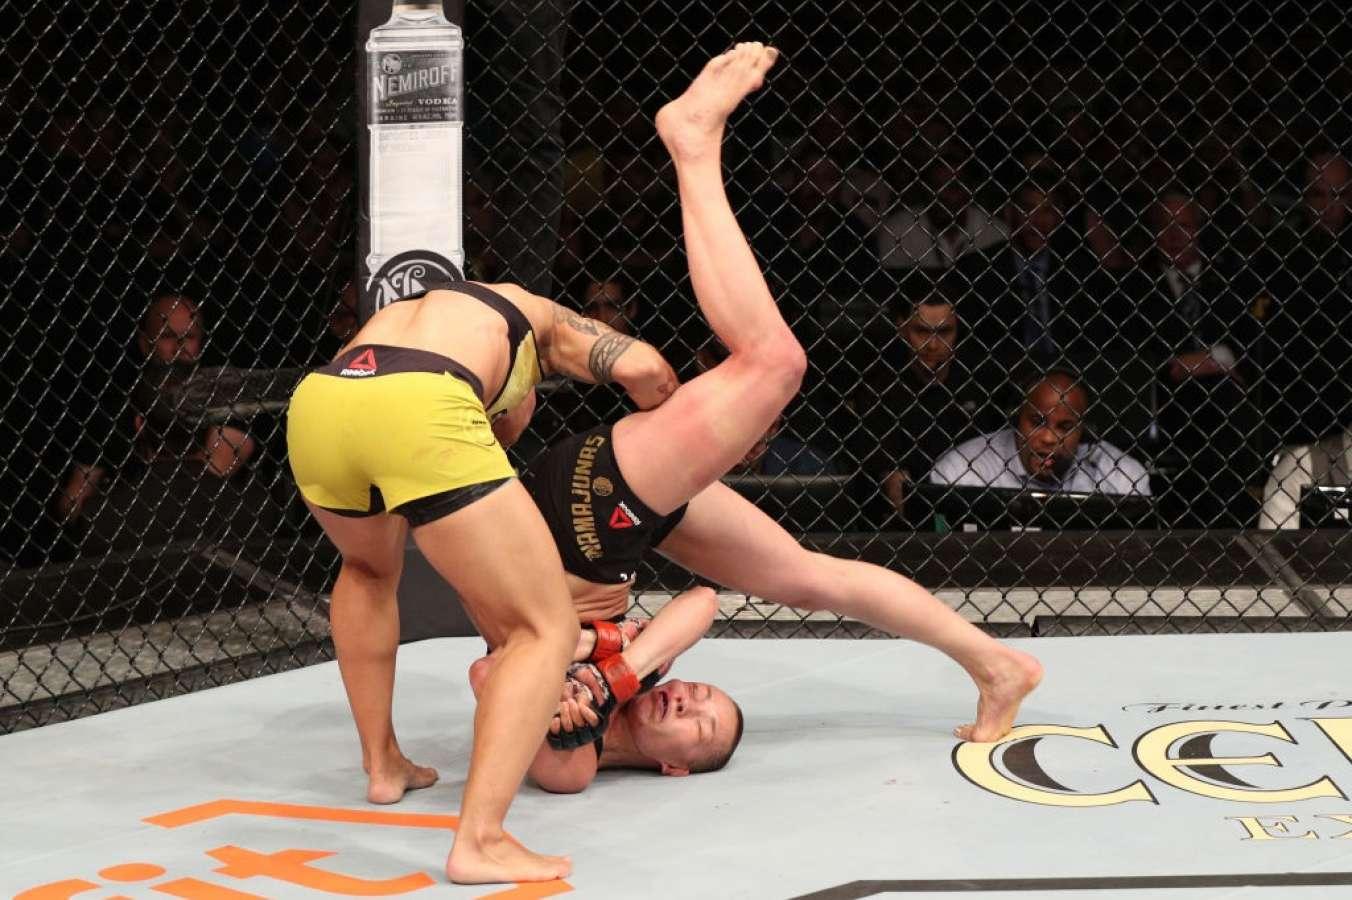 Cầu thủ người Brazil Jessica Andrade từng hạ gục Rose Namajunas bằng một tay (Pile driver)